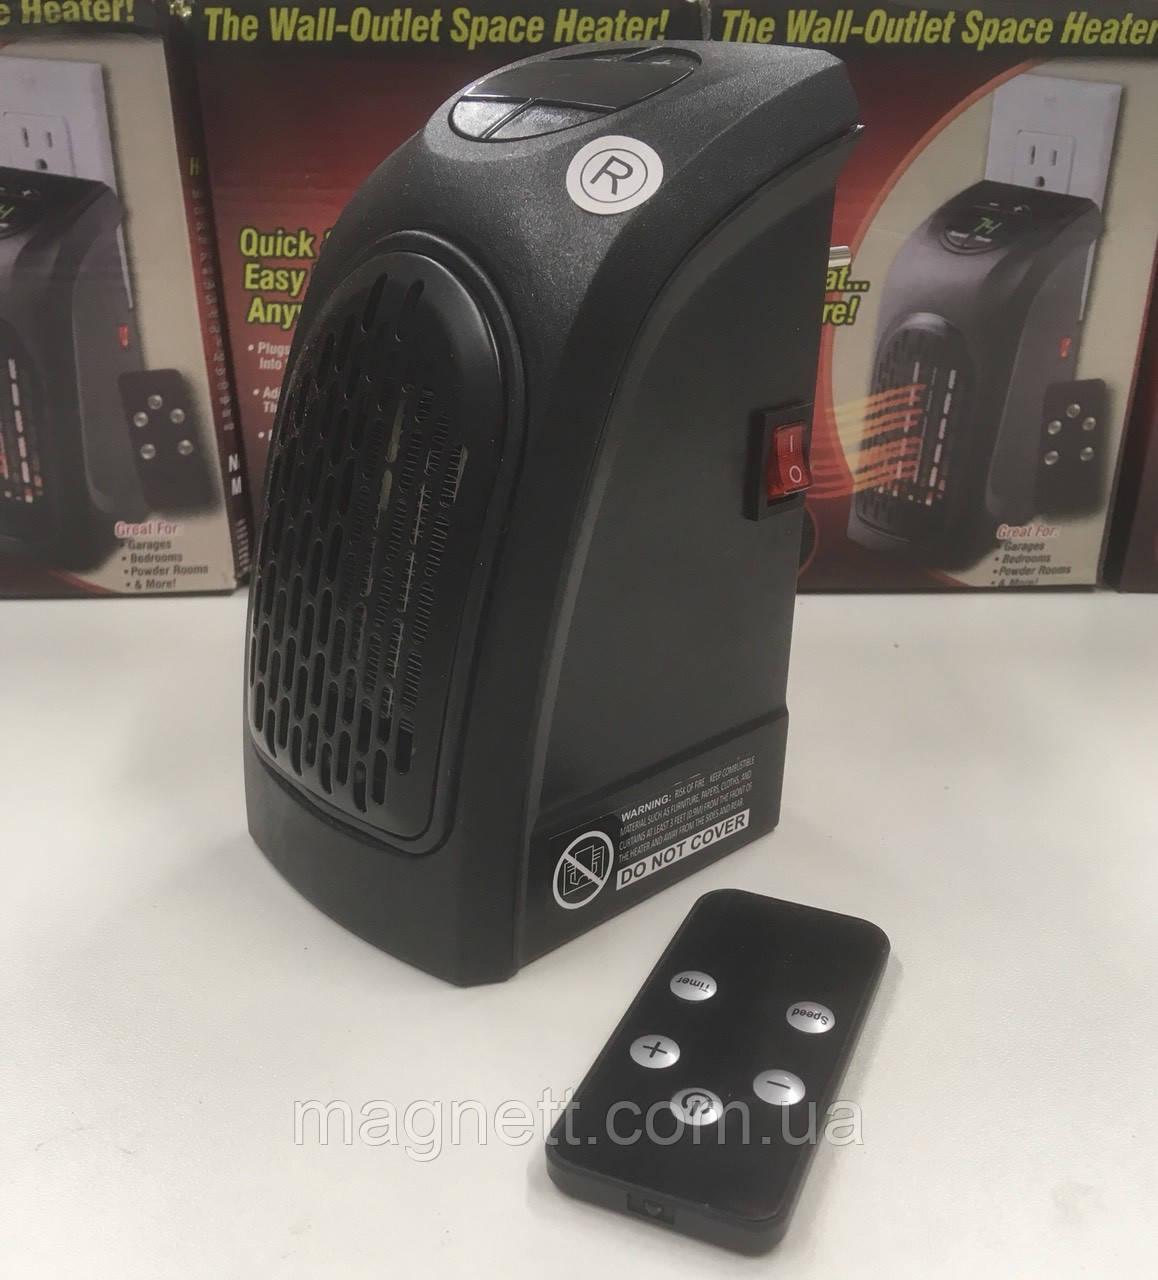 Портативный обогреватель Handy Heater с пультом- электрический обогреватель